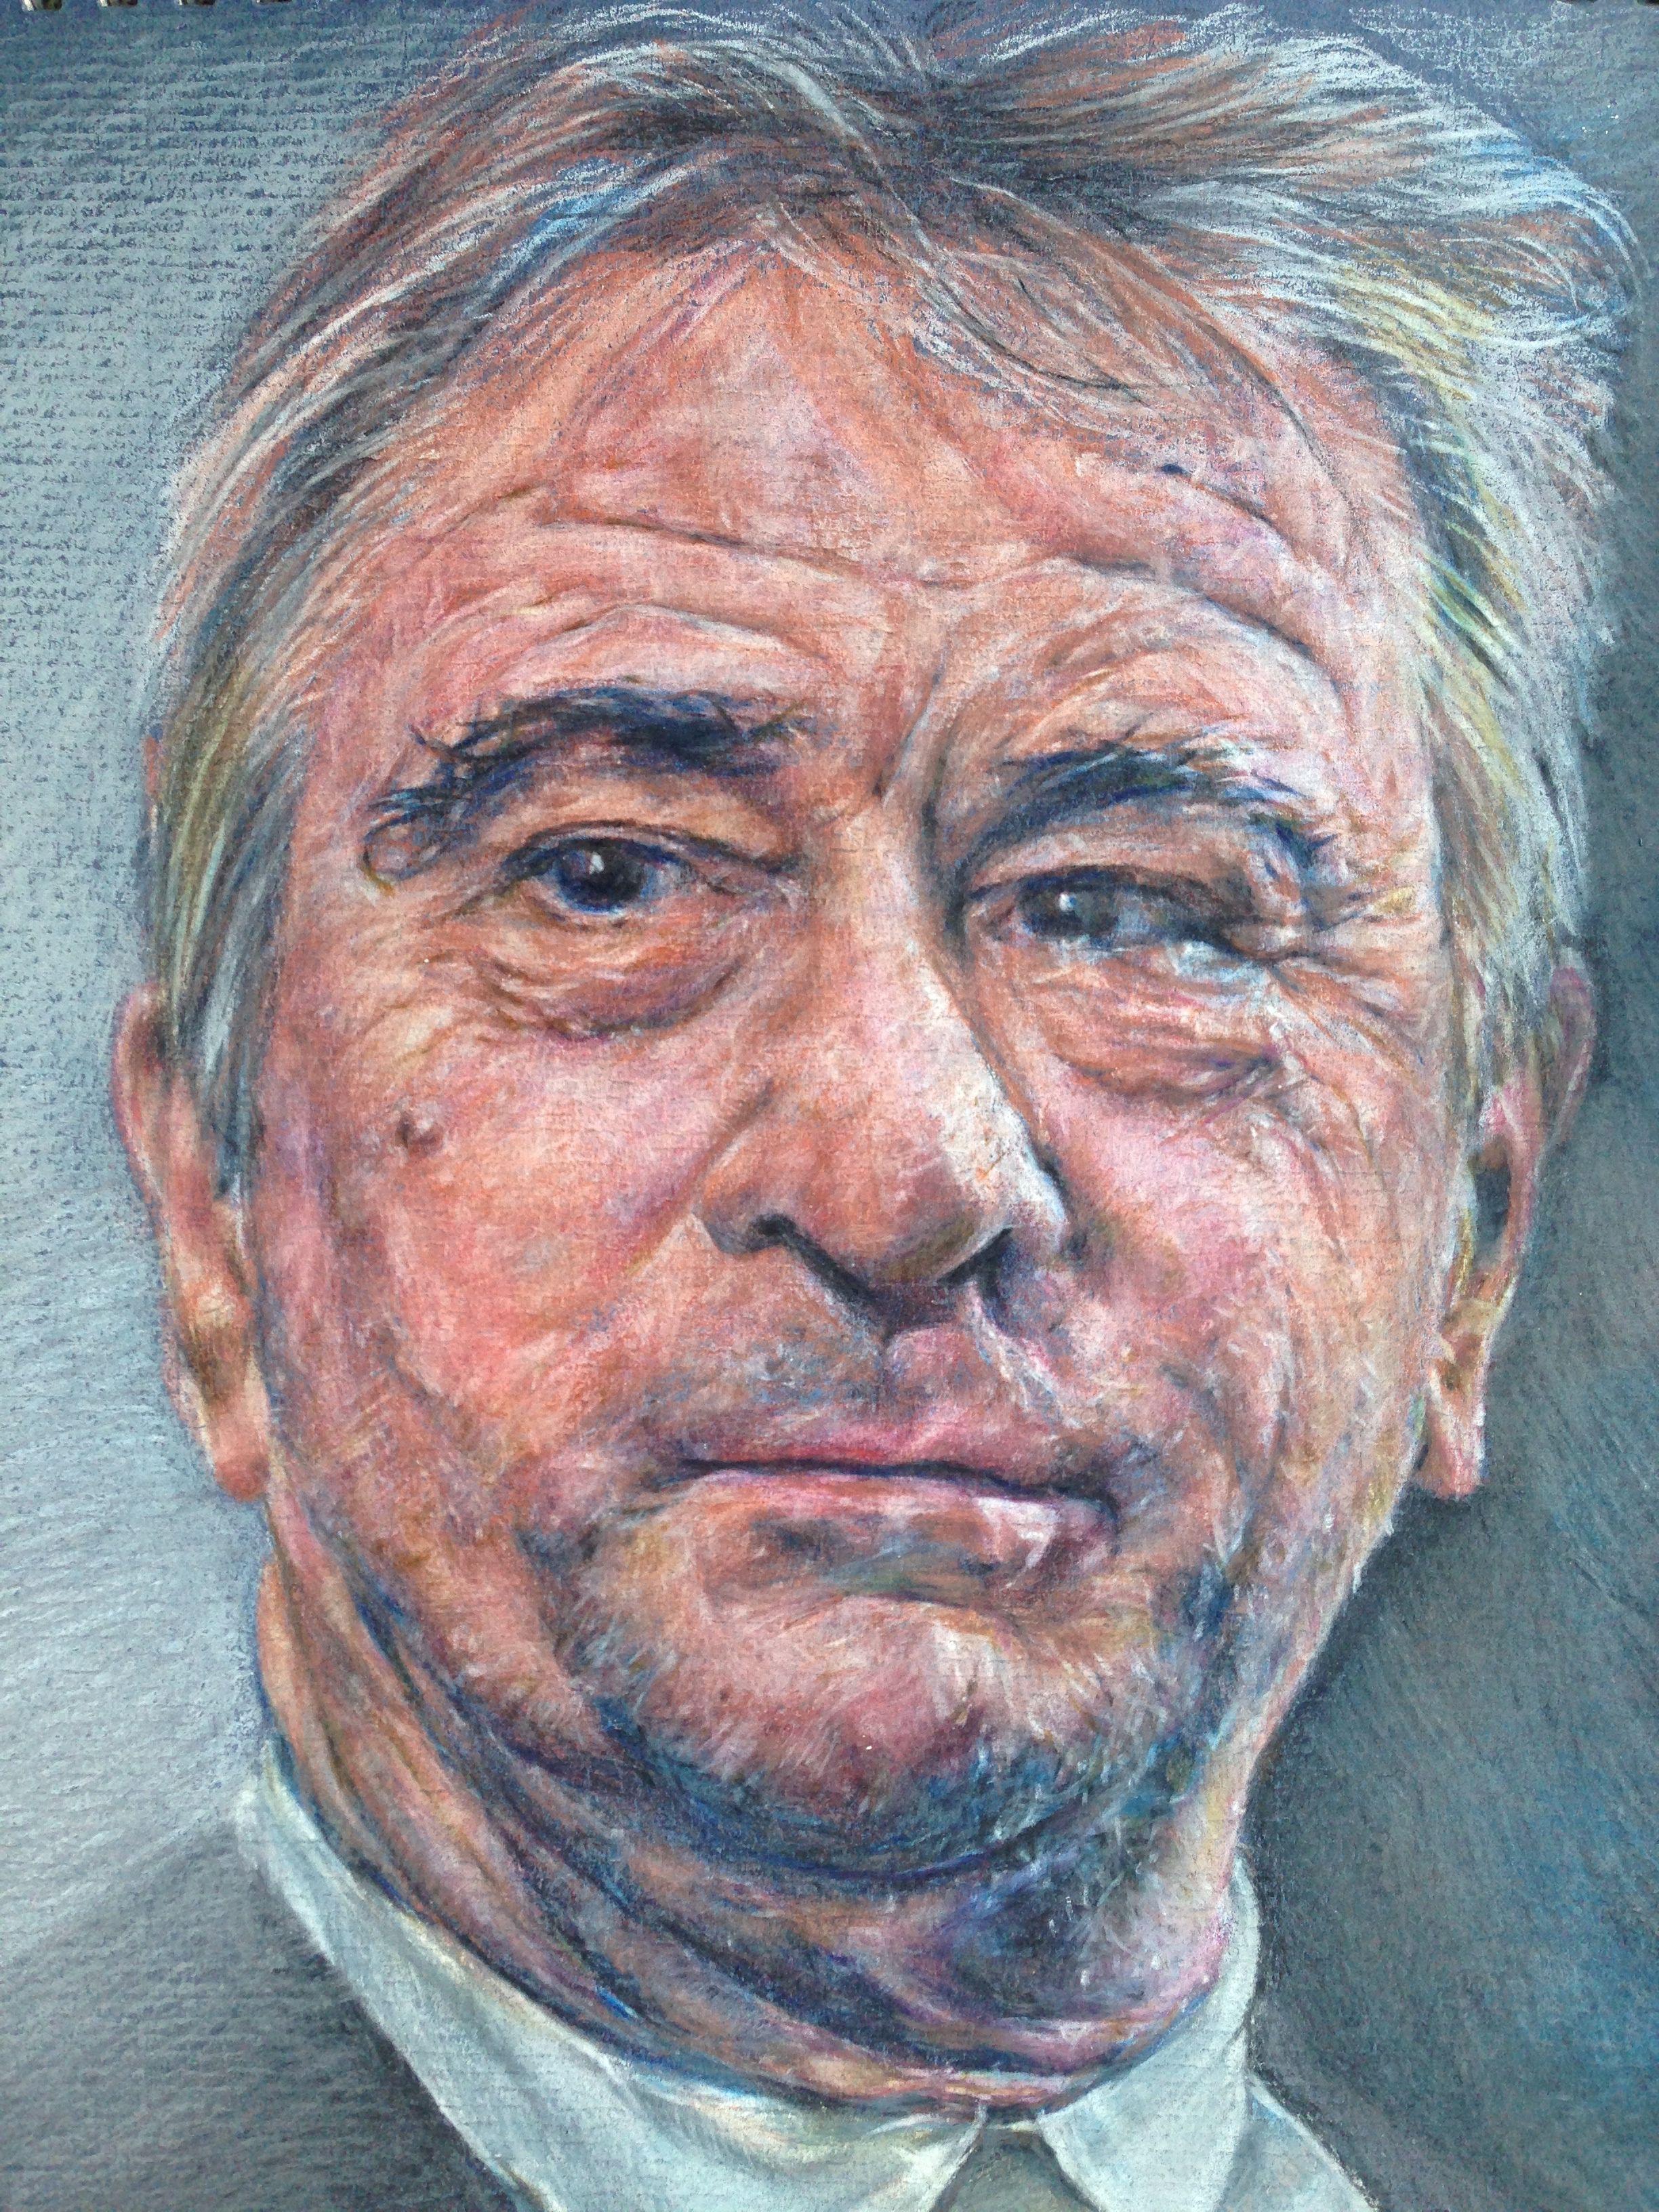 Robert De Niro - pastel on paper - for sale